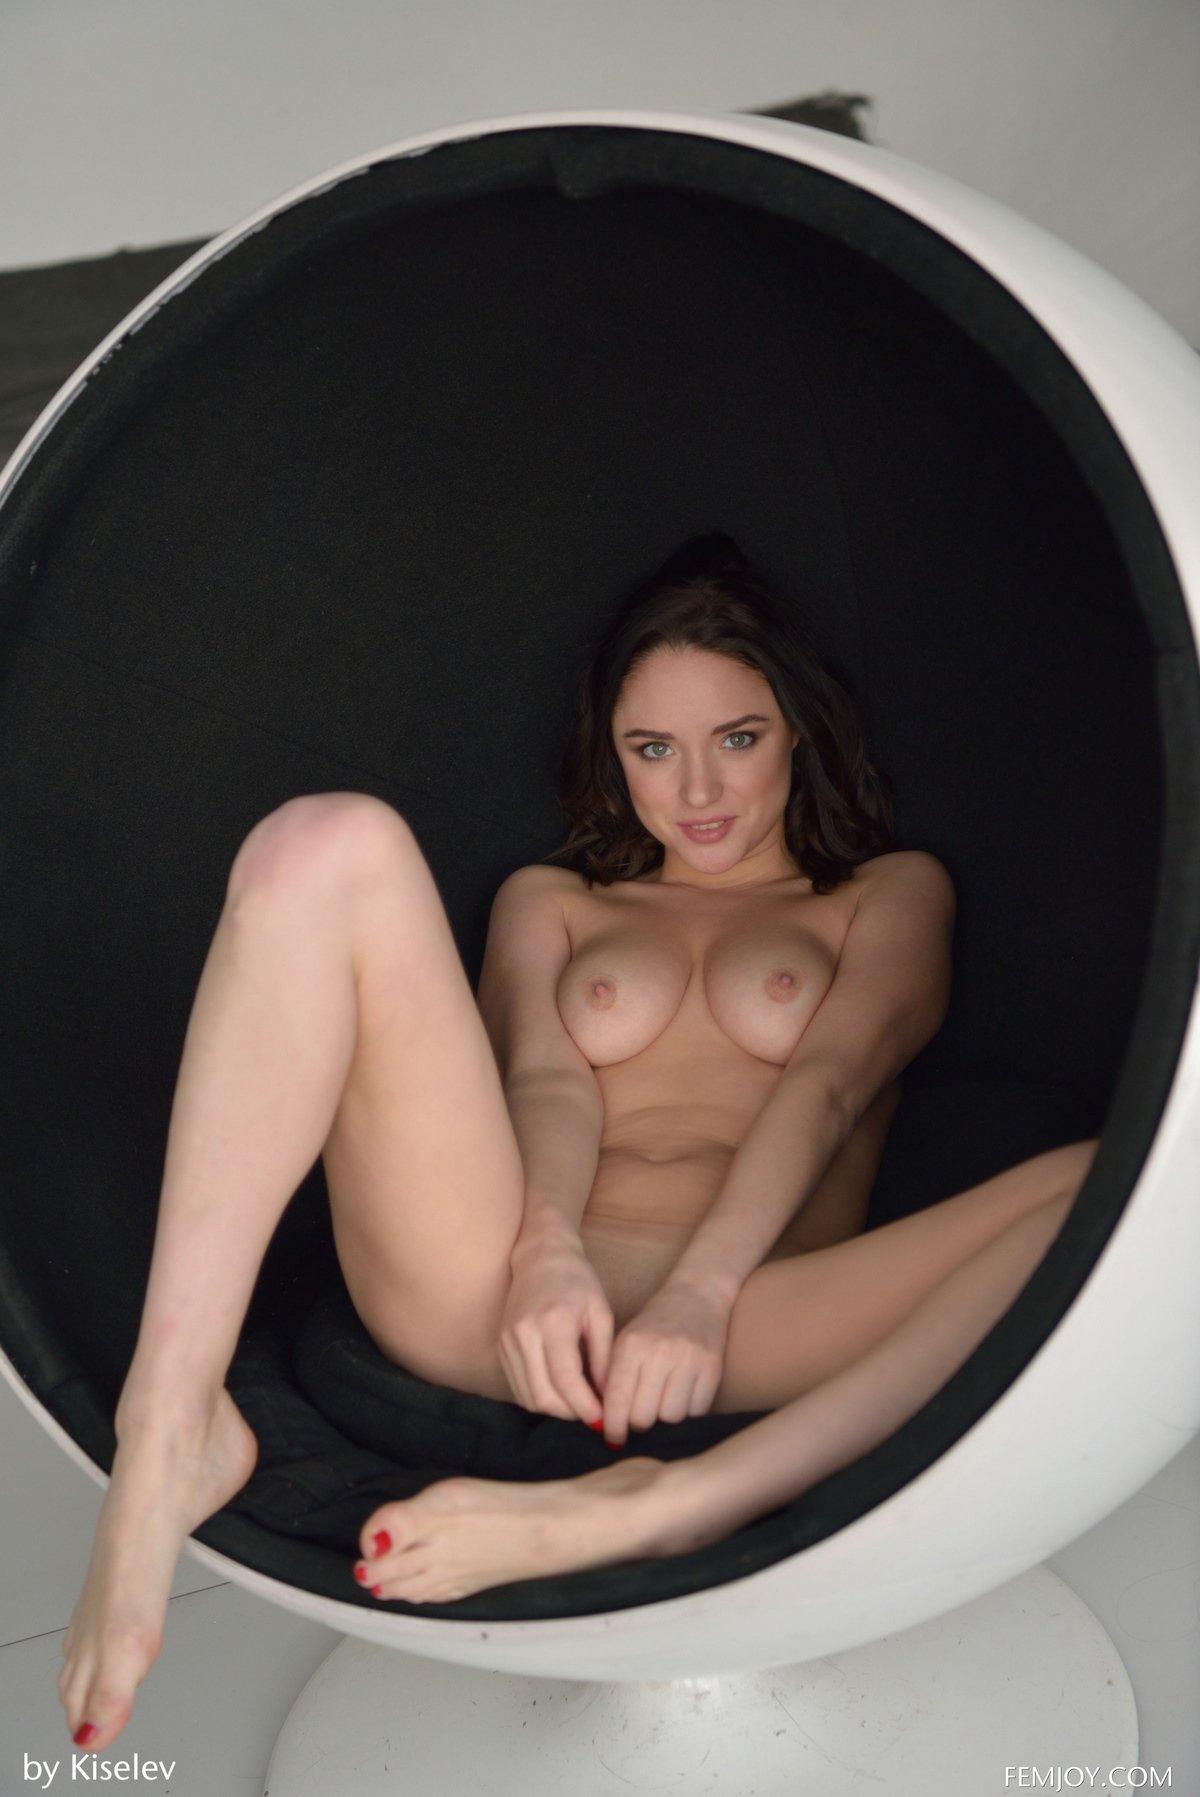 Сексапильная тёмненькая Nika в круглом кресле